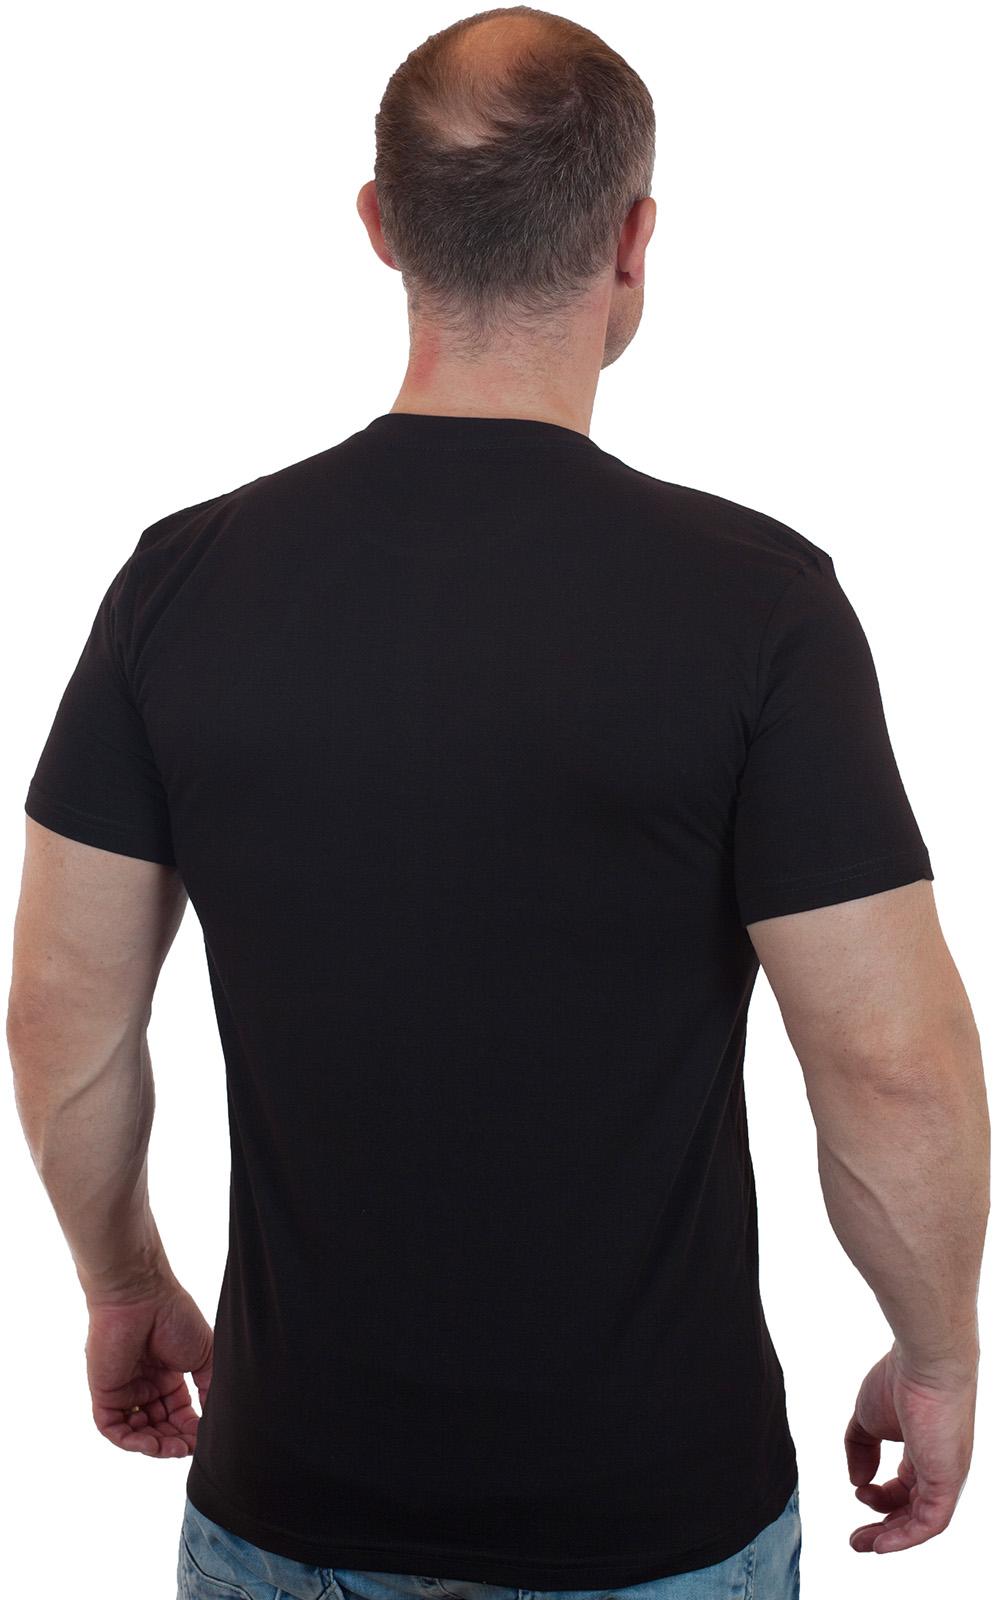 Строгая мужская футболка с вышивкой ВДВ